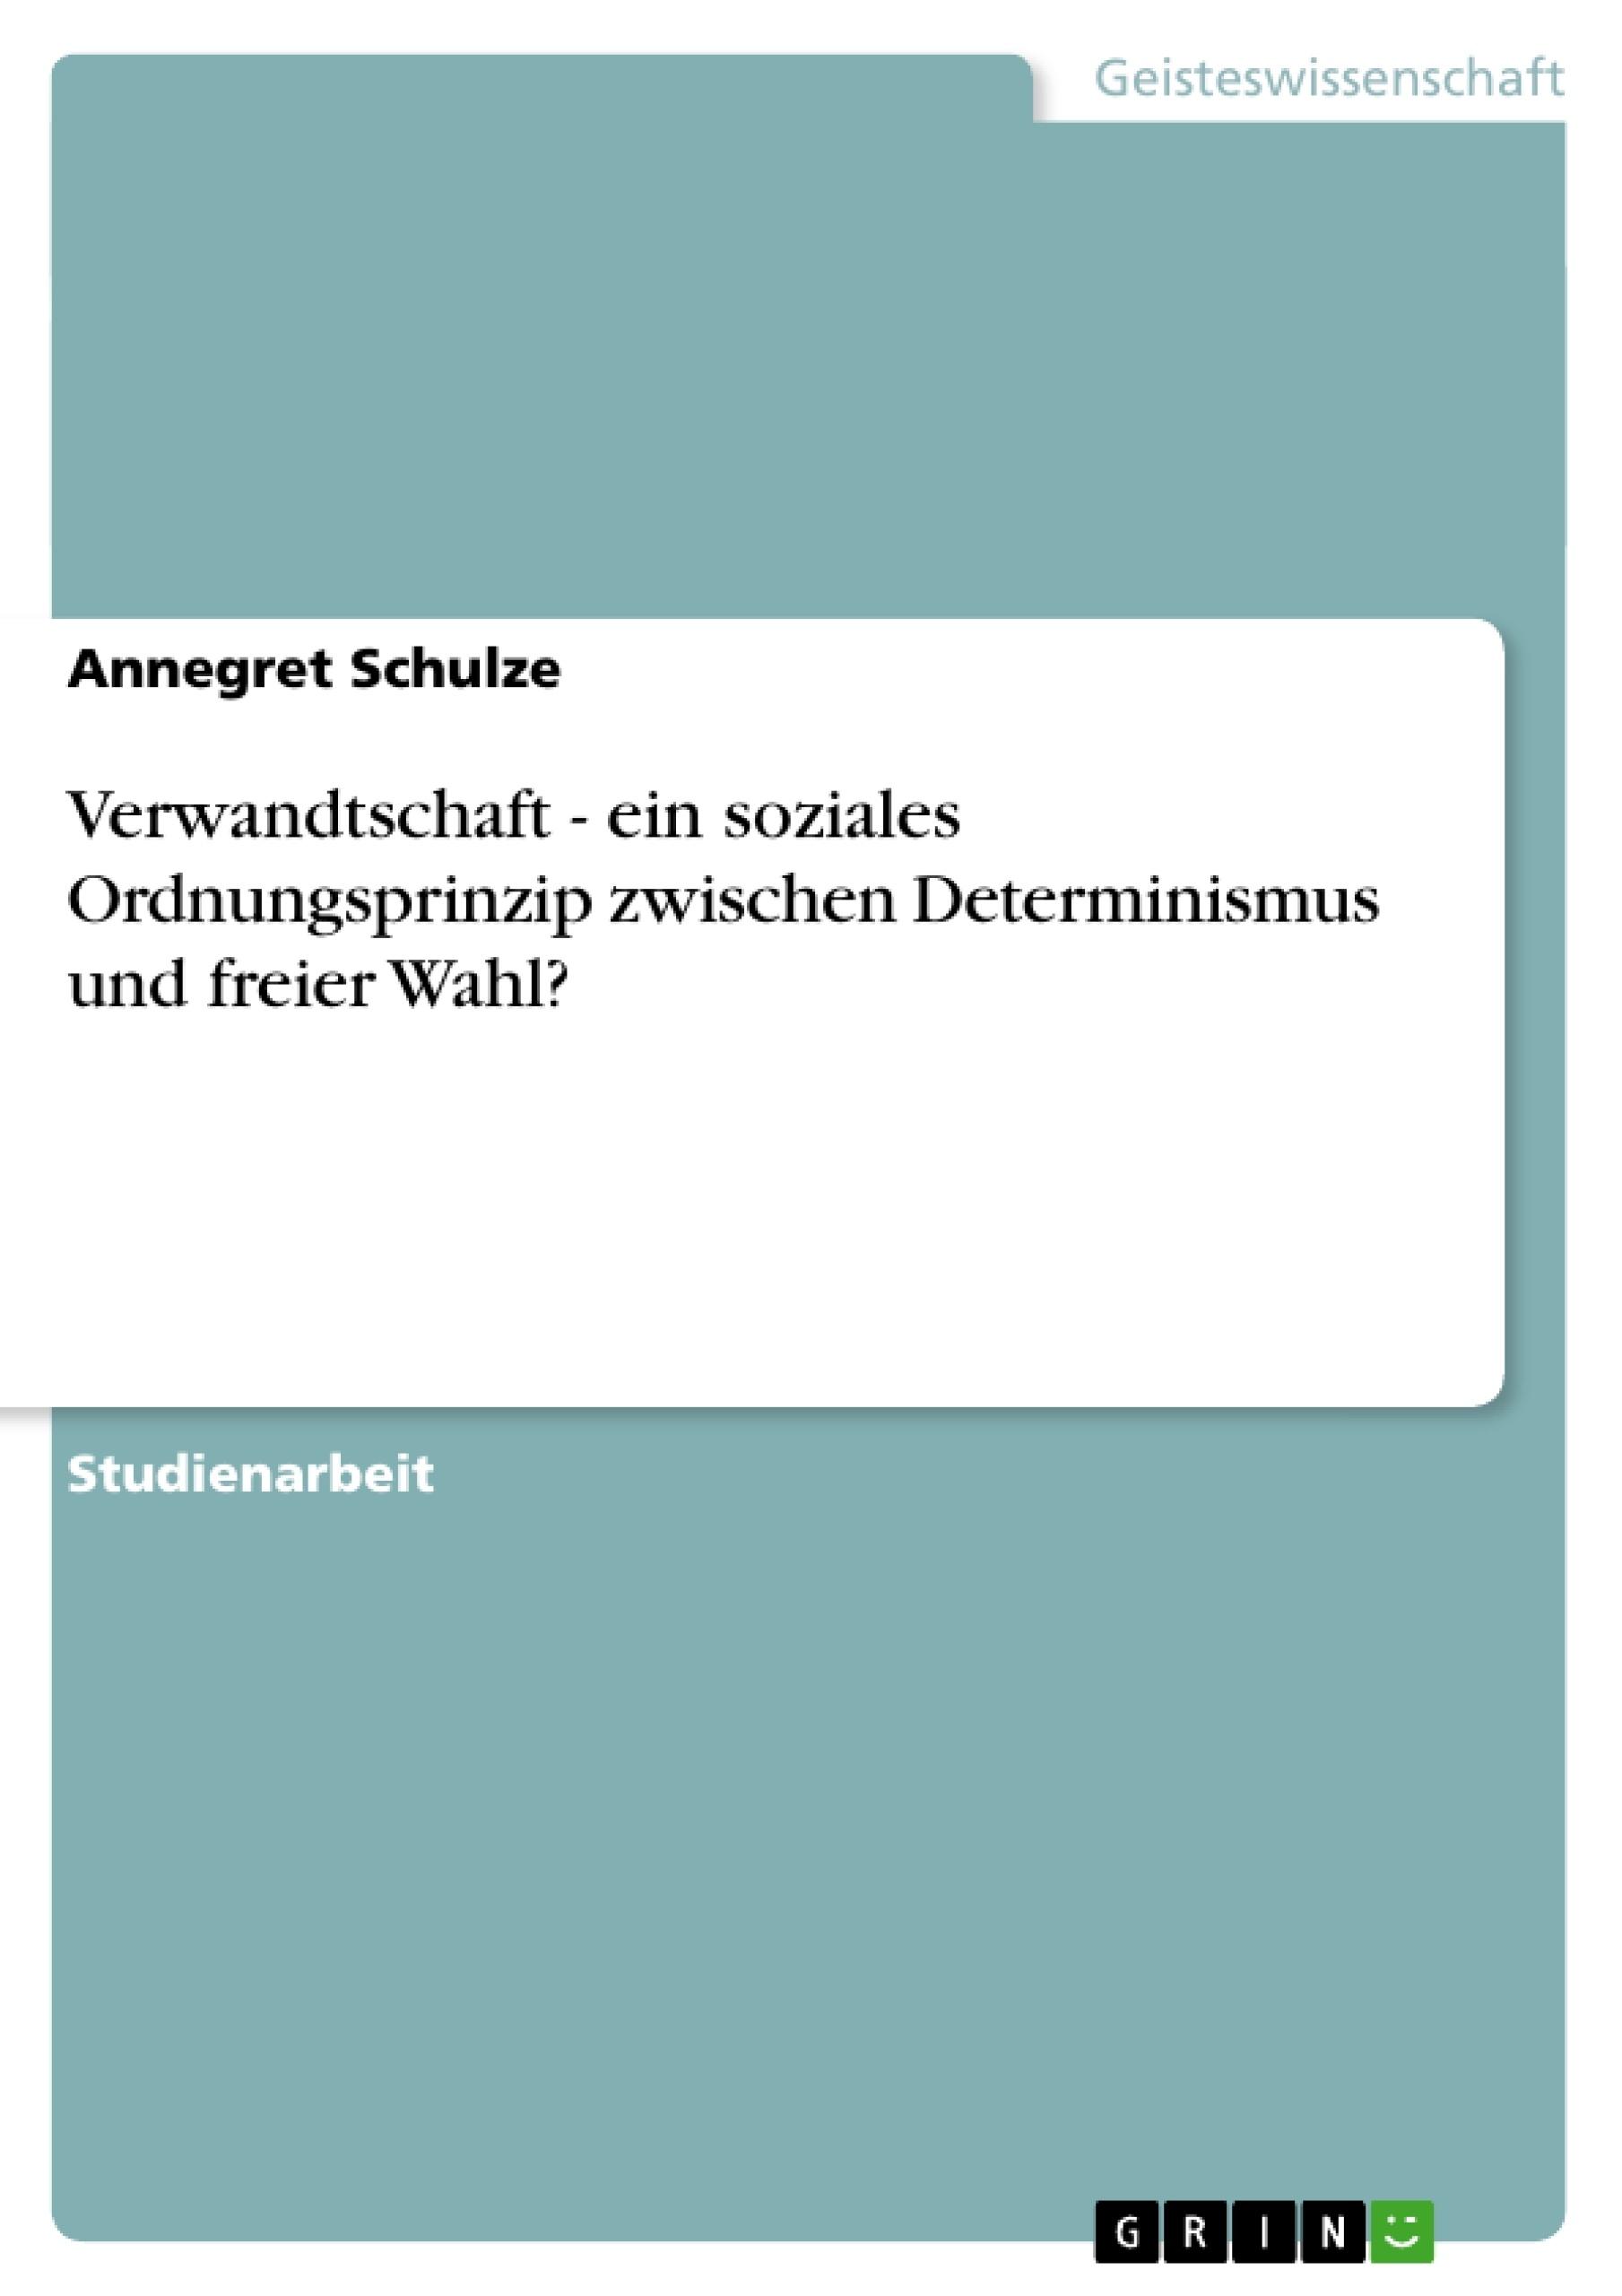 Titel: Verwandtschaft - ein soziales Ordnungsprinzip zwischen Determinismus und freier Wahl?